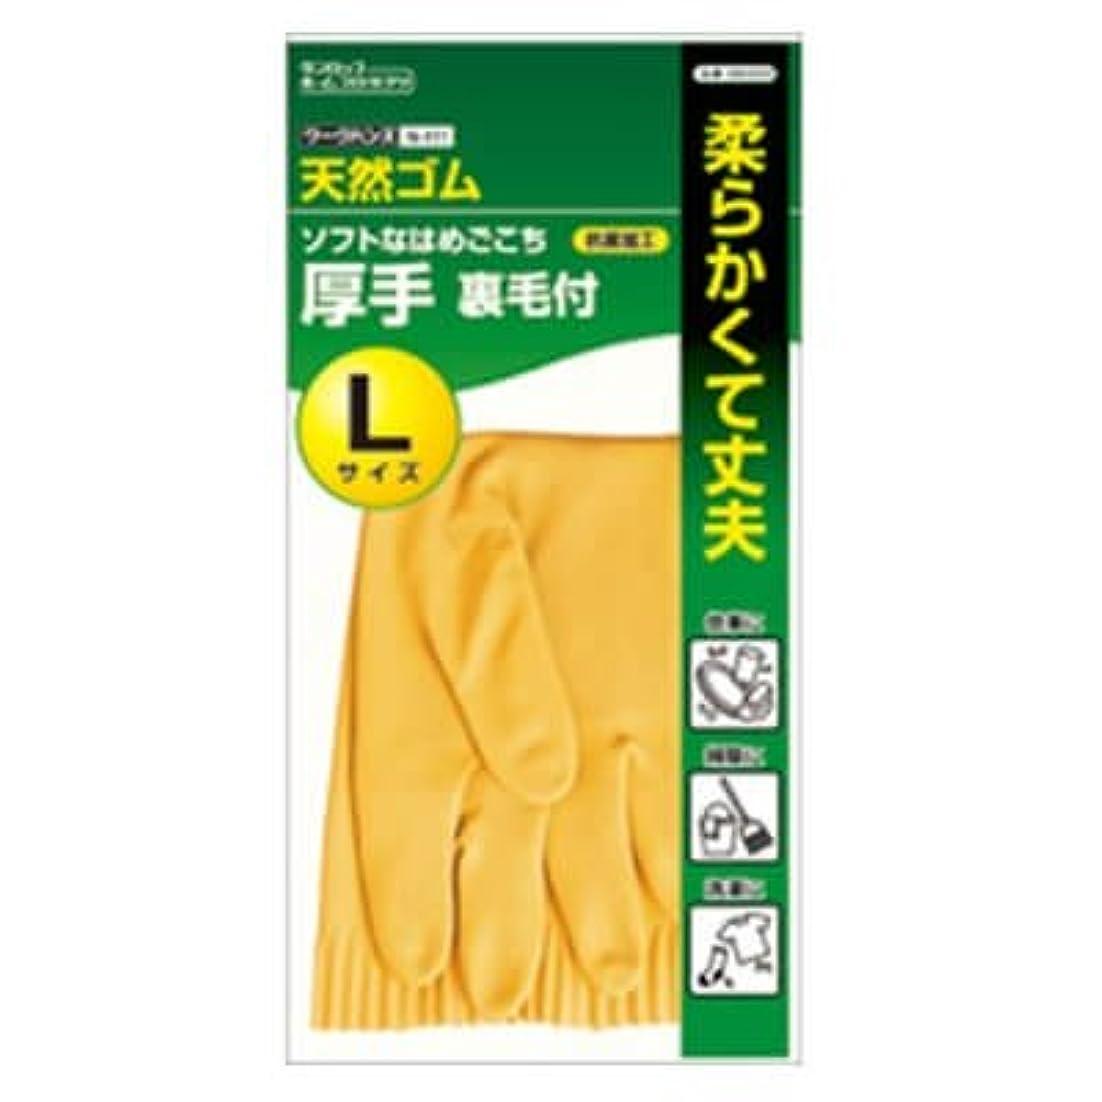 ゴミ定刻怖い【ケース販売】 ダンロップ ワークハンズ N-111 天然ゴム厚手 L オレンジ (10双×12袋)